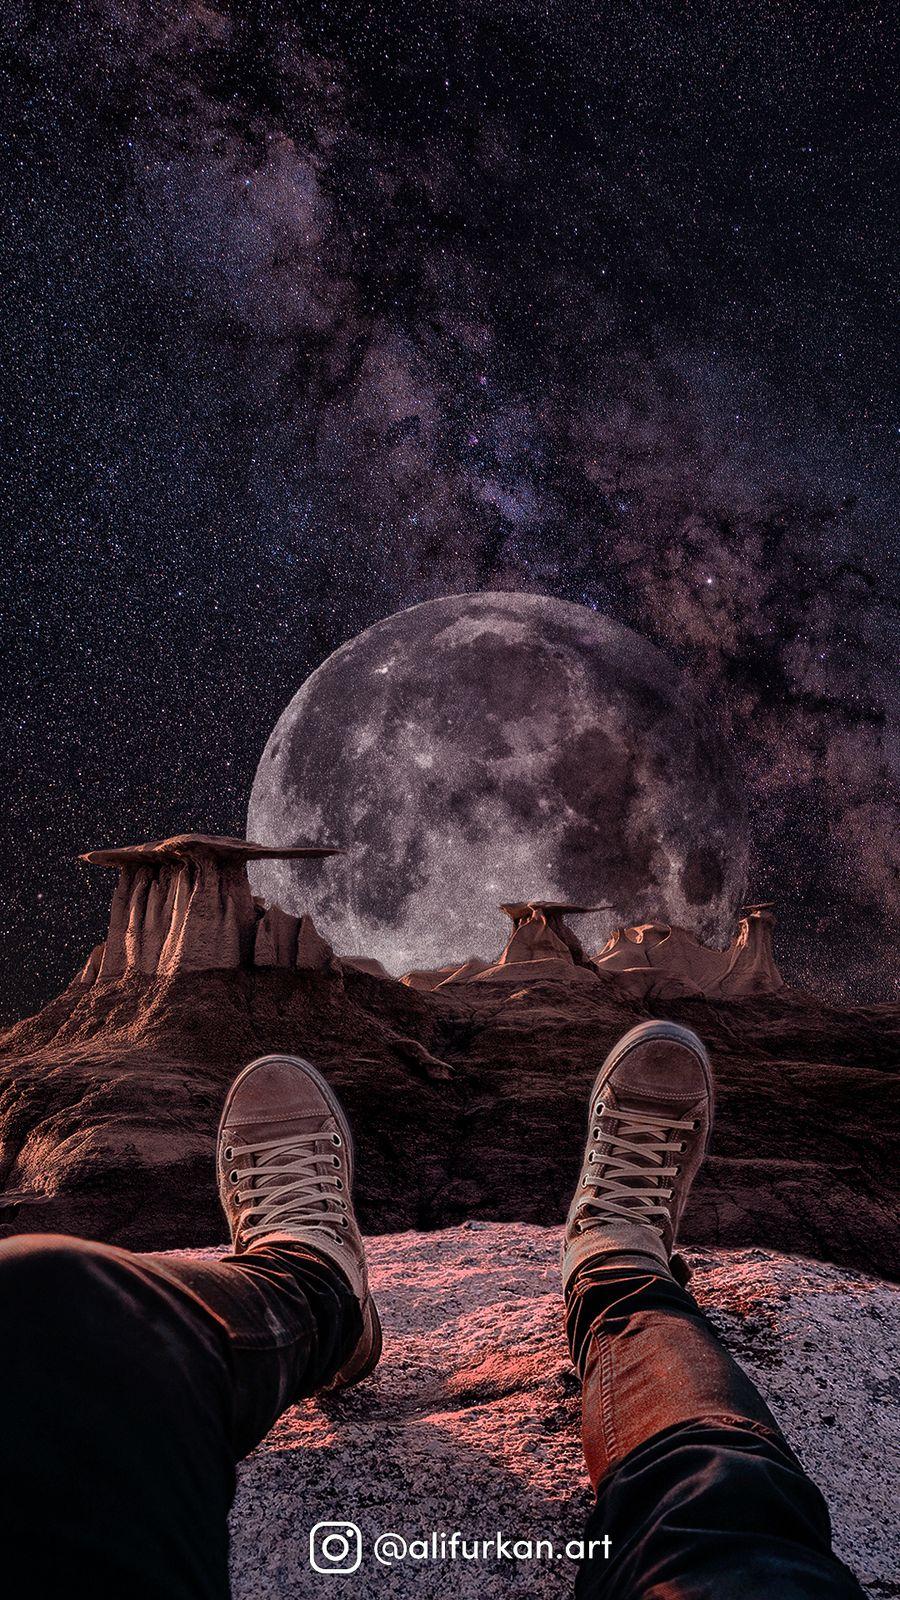 Обои на телефон фантастические, сверхъестественное, мир, луна, космос, абстрактные, uzay, over, in the cosmos, dunya